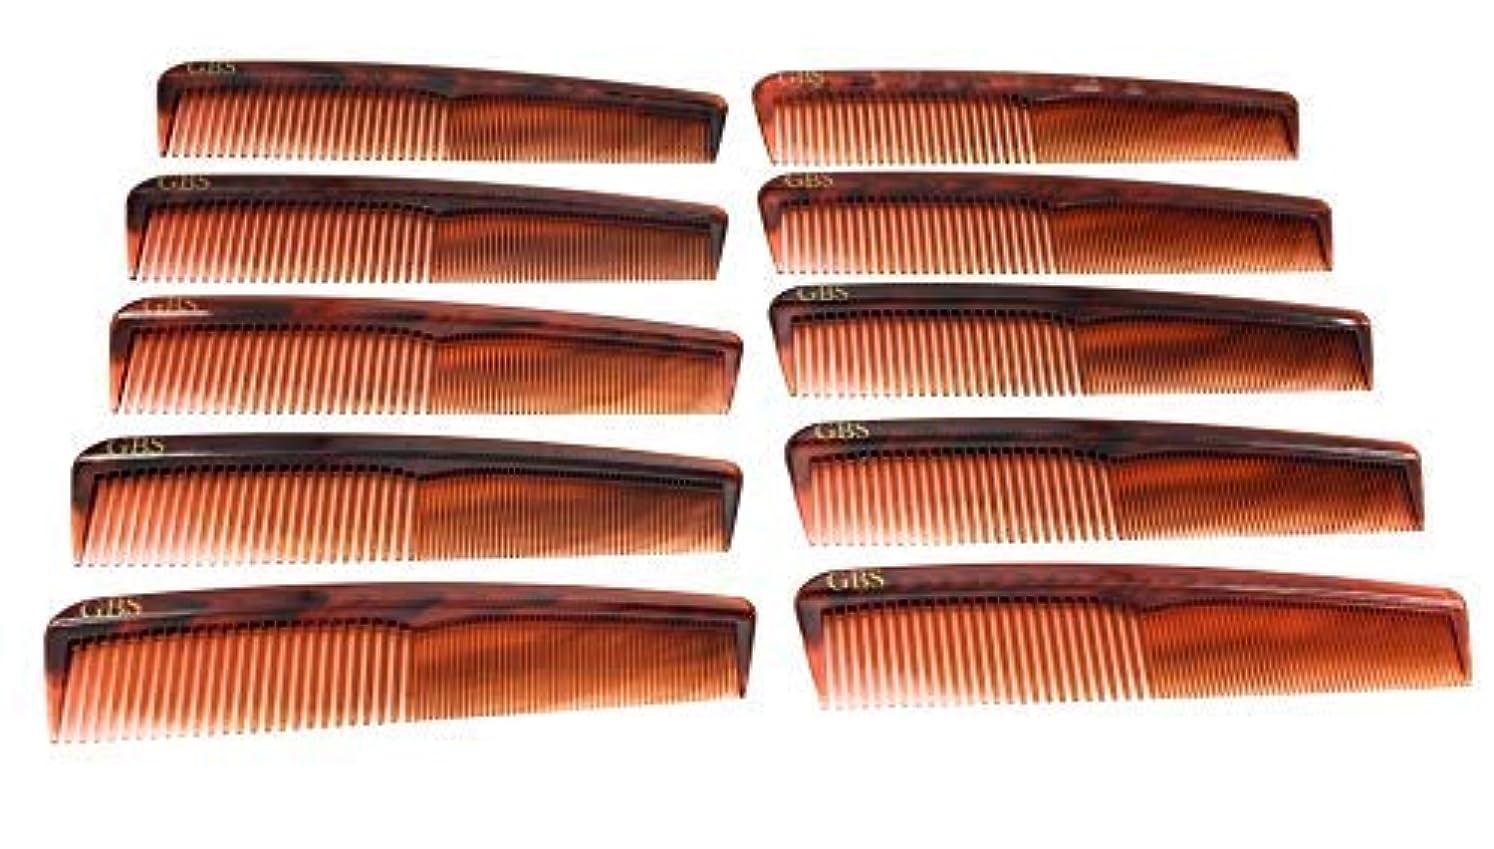 レイア不足尾GBS Professional Handmade Grooming Combs - Tortoise Course/Fine Styling Combs - 10 Pack! [並行輸入品]